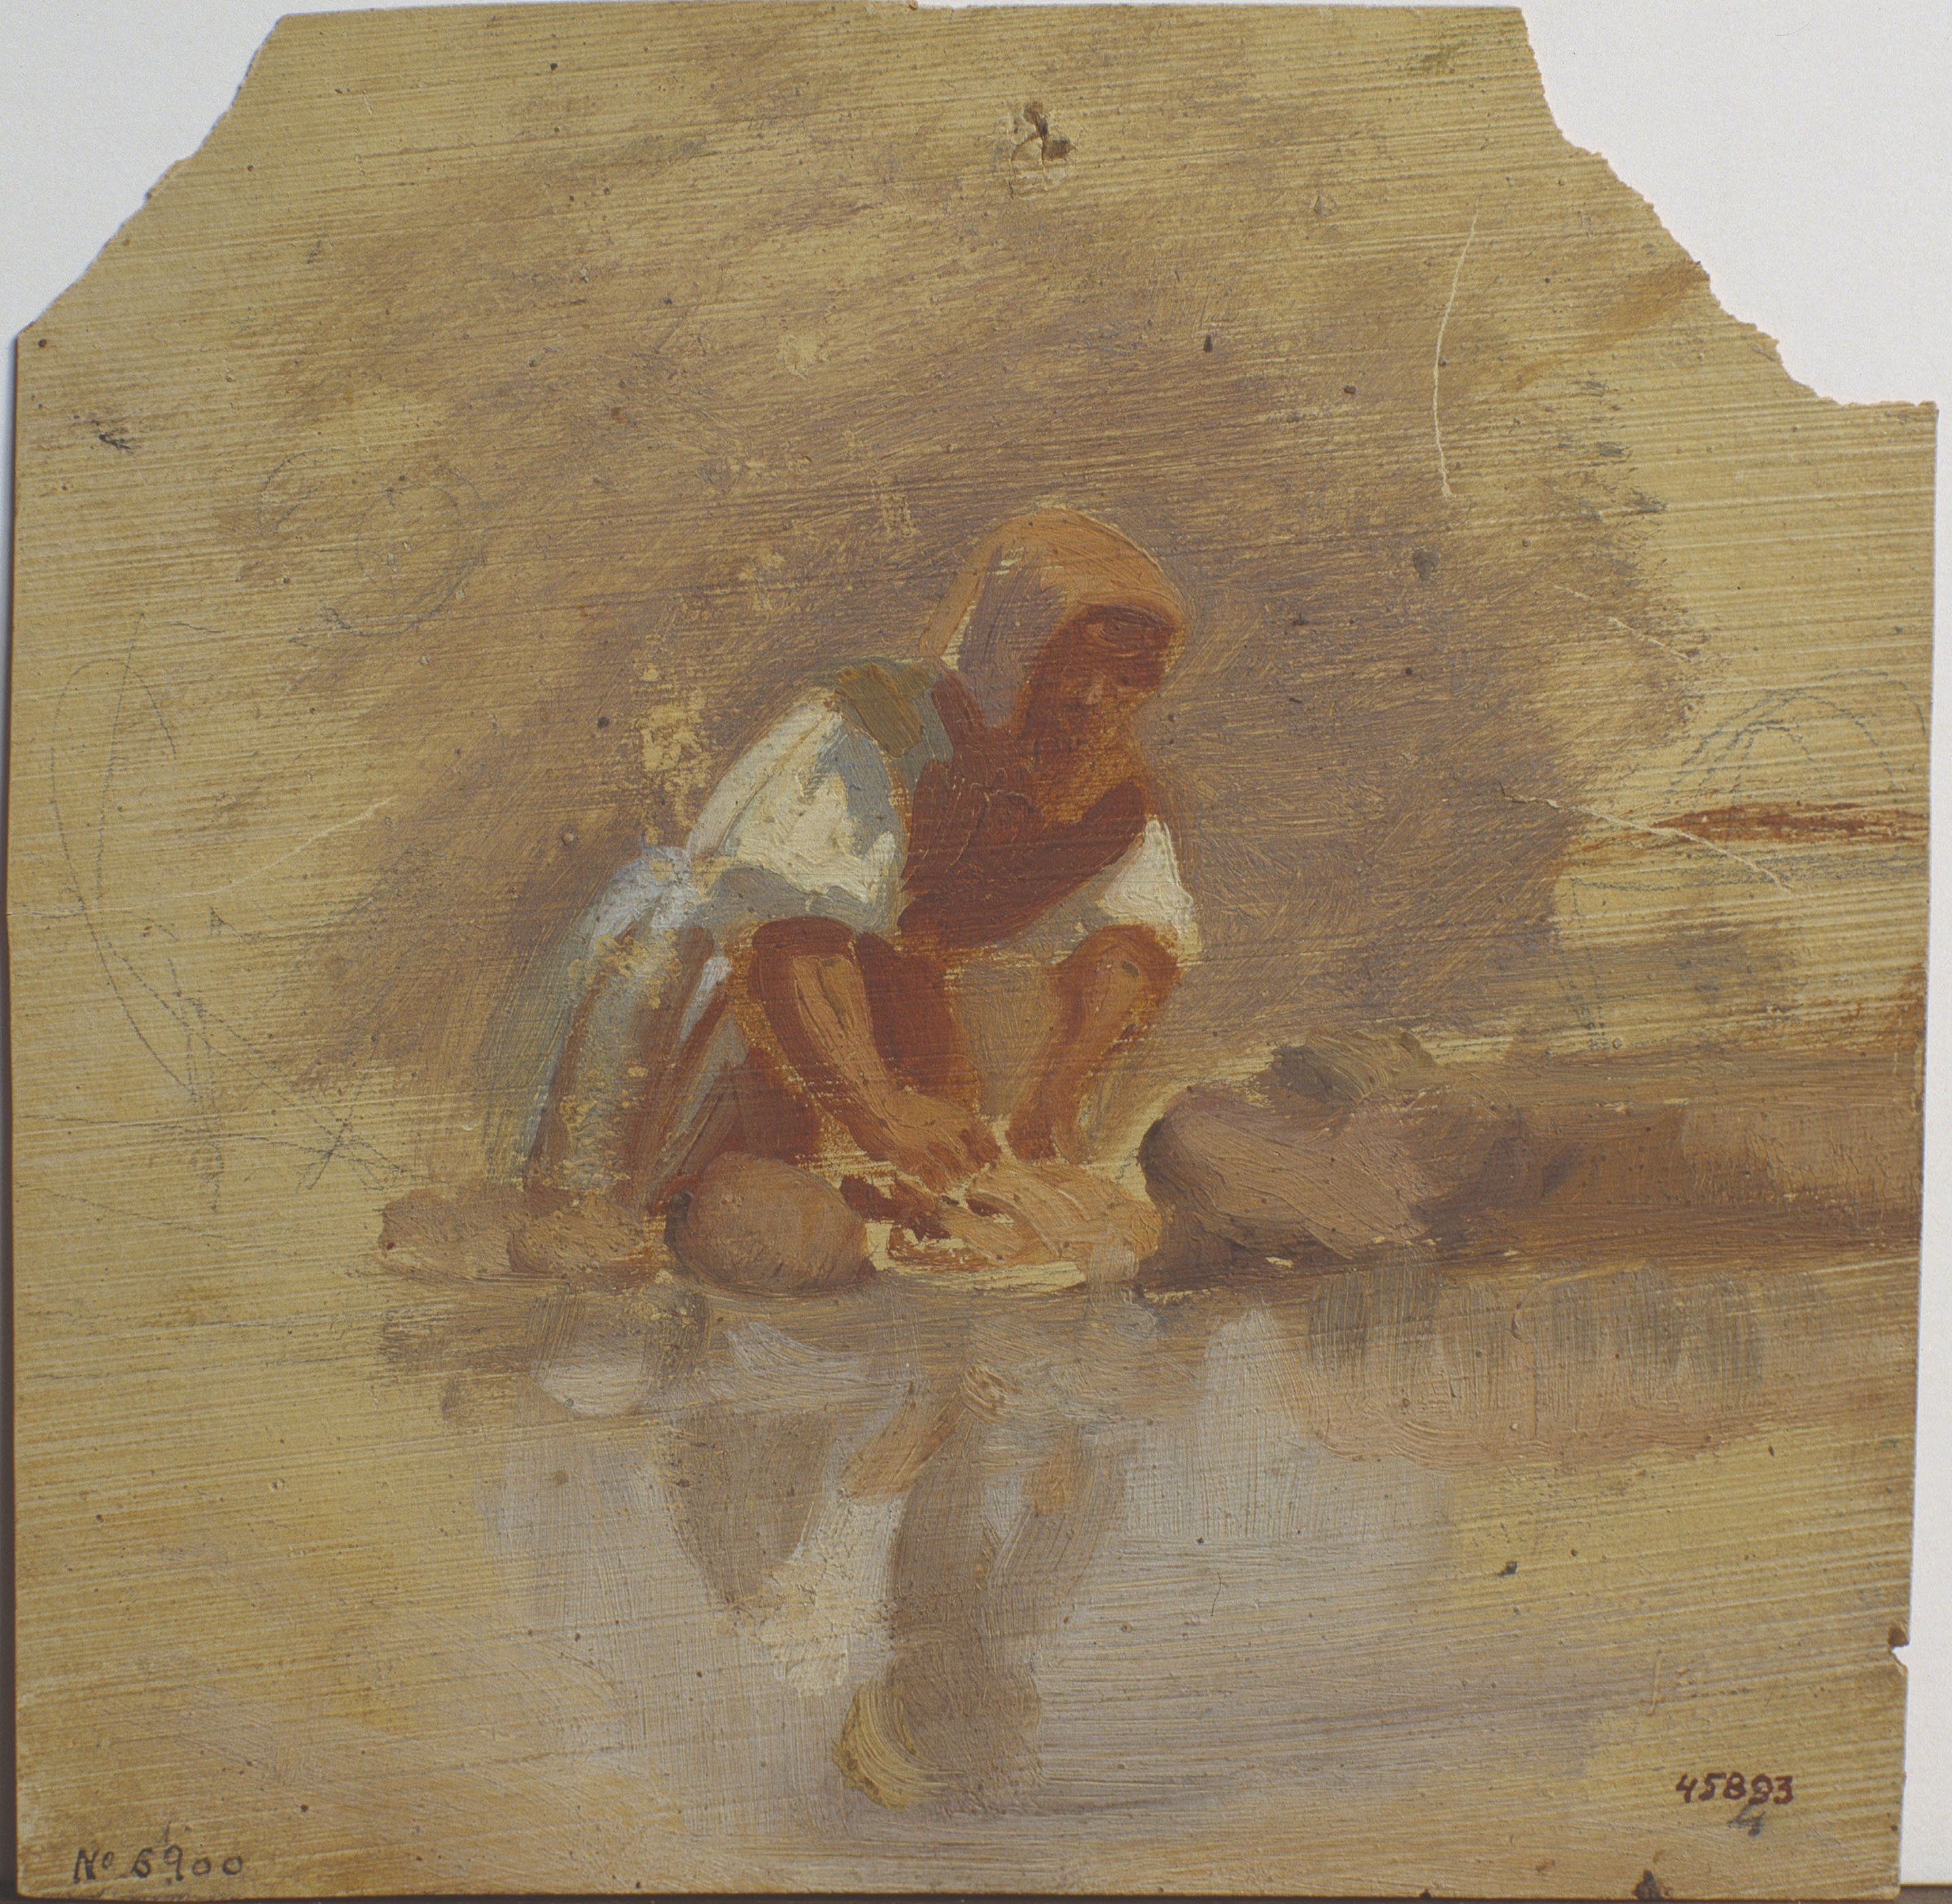 Marià Fortuny - Bugadera - Cap a 1858-1859